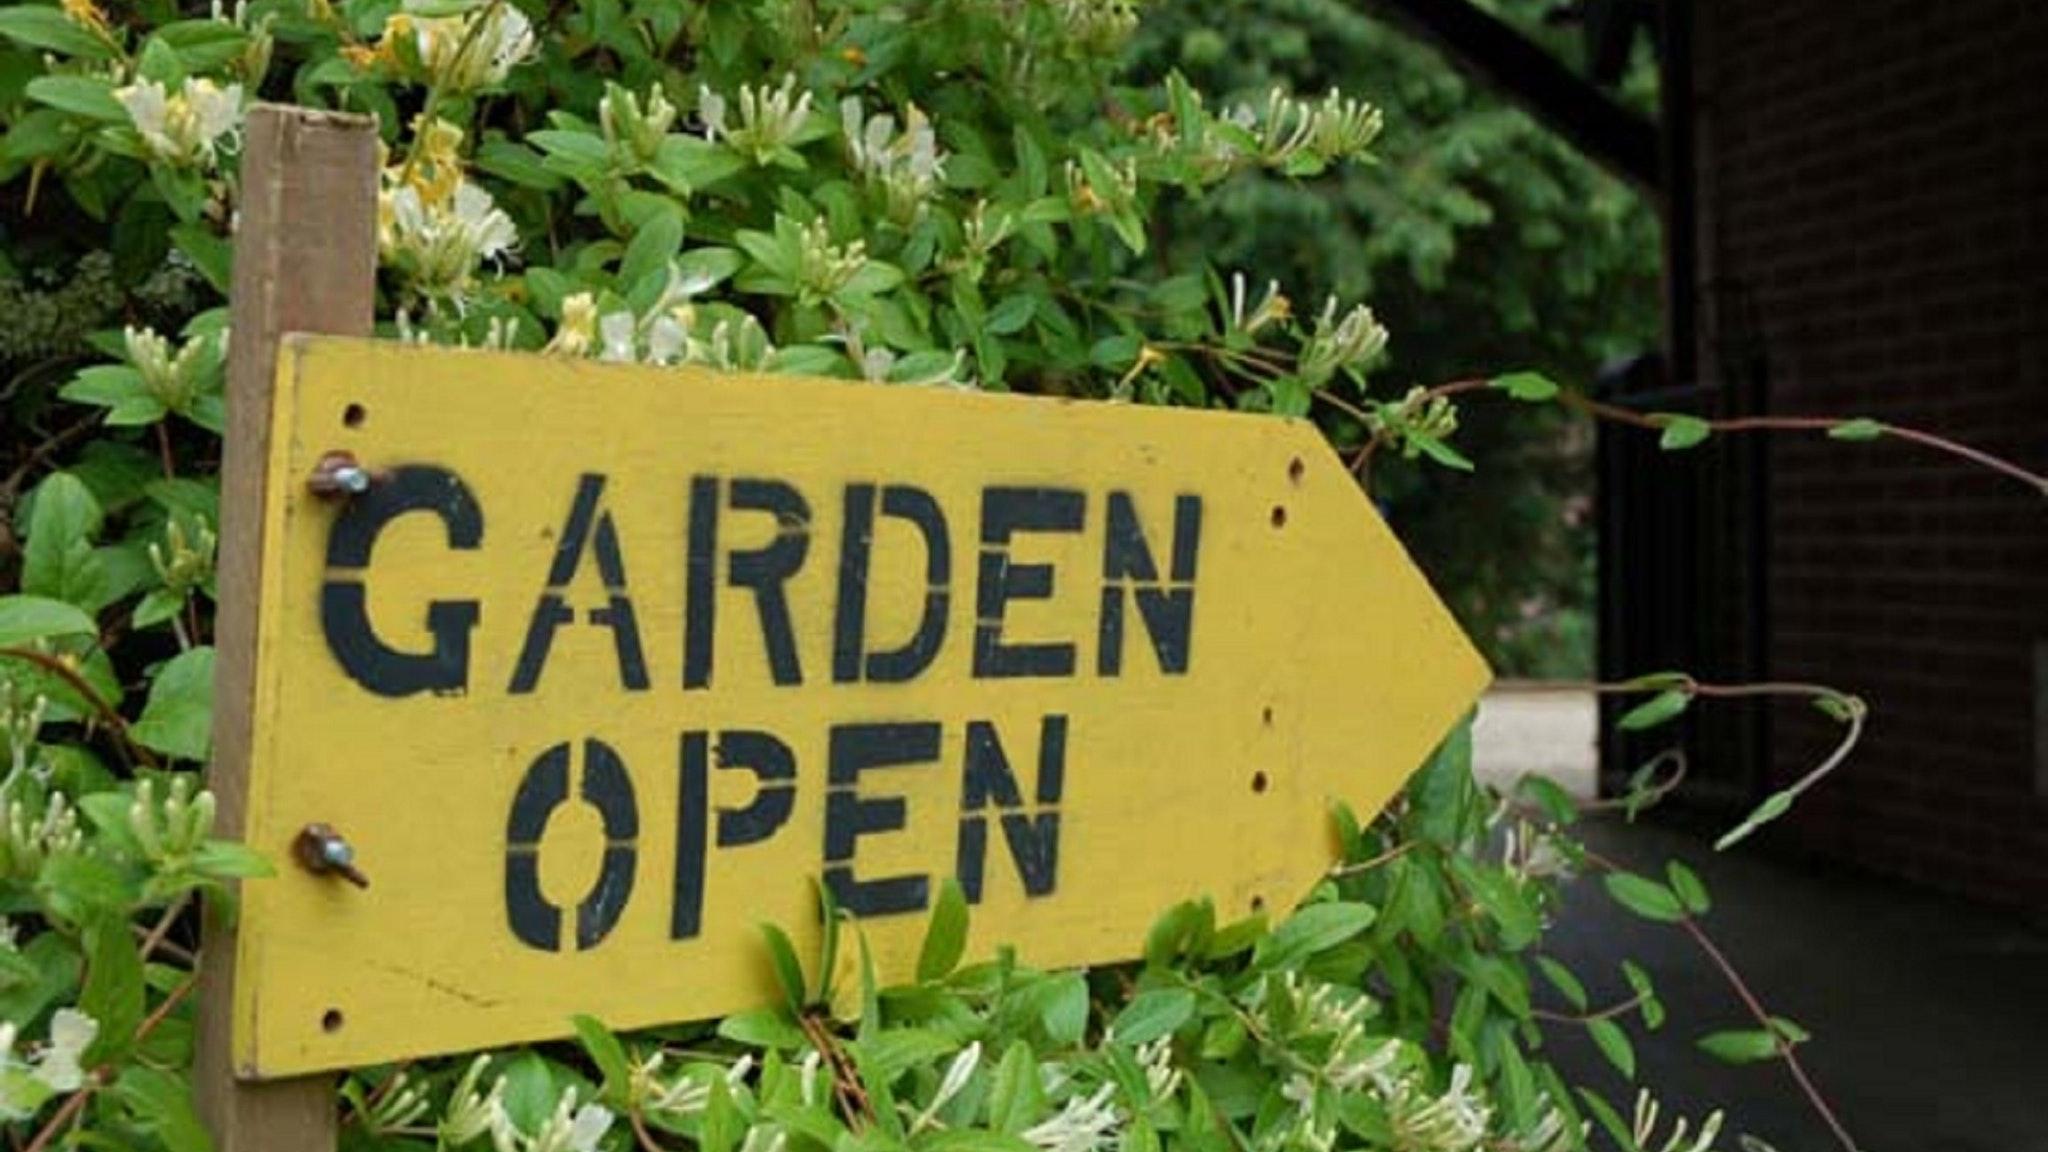 Tatong Open Garden